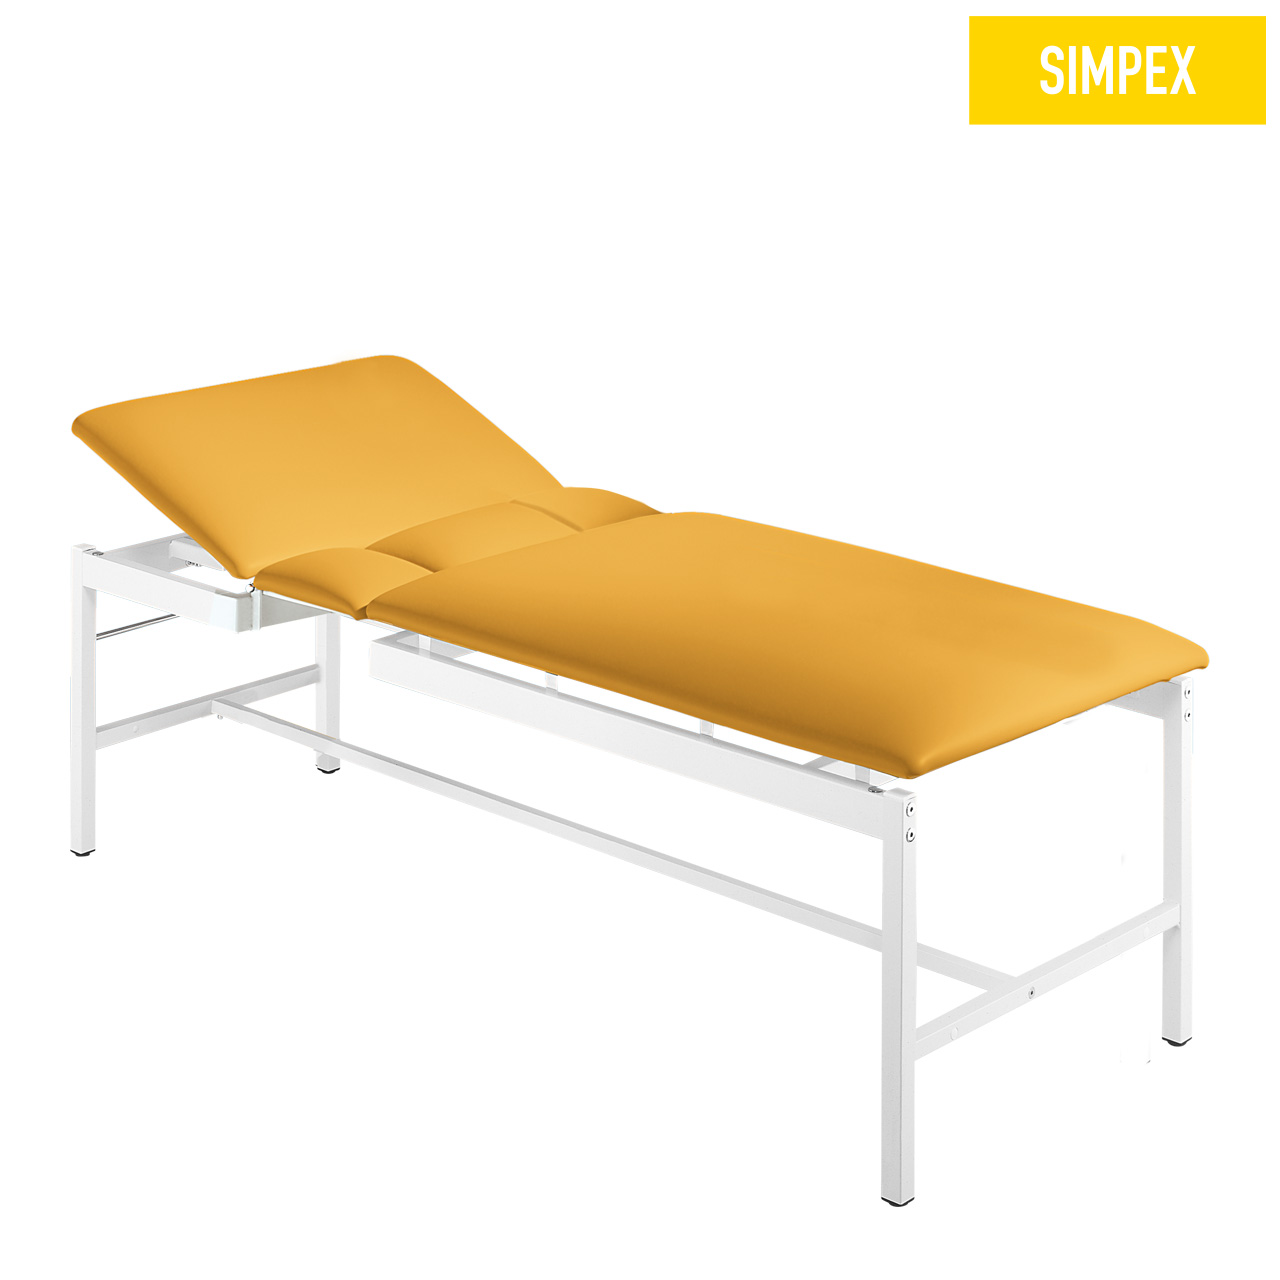 EKG-Sonographieliege VS-CARDIO 80 Cardio mit Kunstleder in gelb (mais) und einem Gestell aus Stahl verchromt von SIMPEX